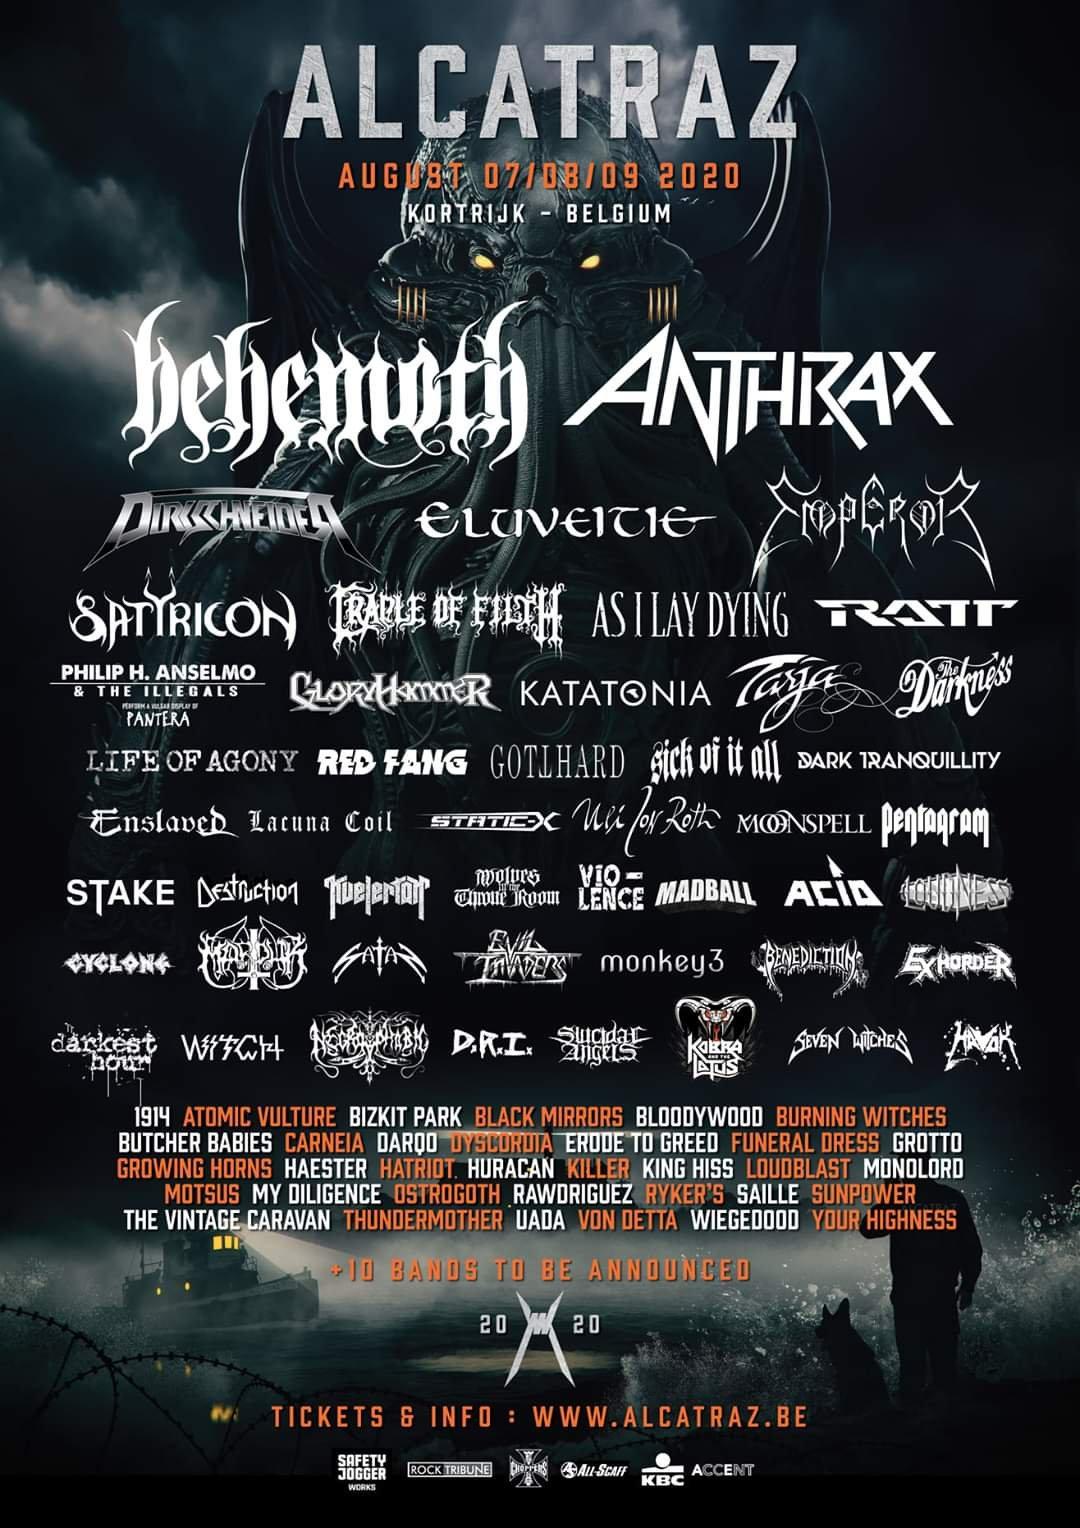 Bildergebnis für alcatraz metal festival